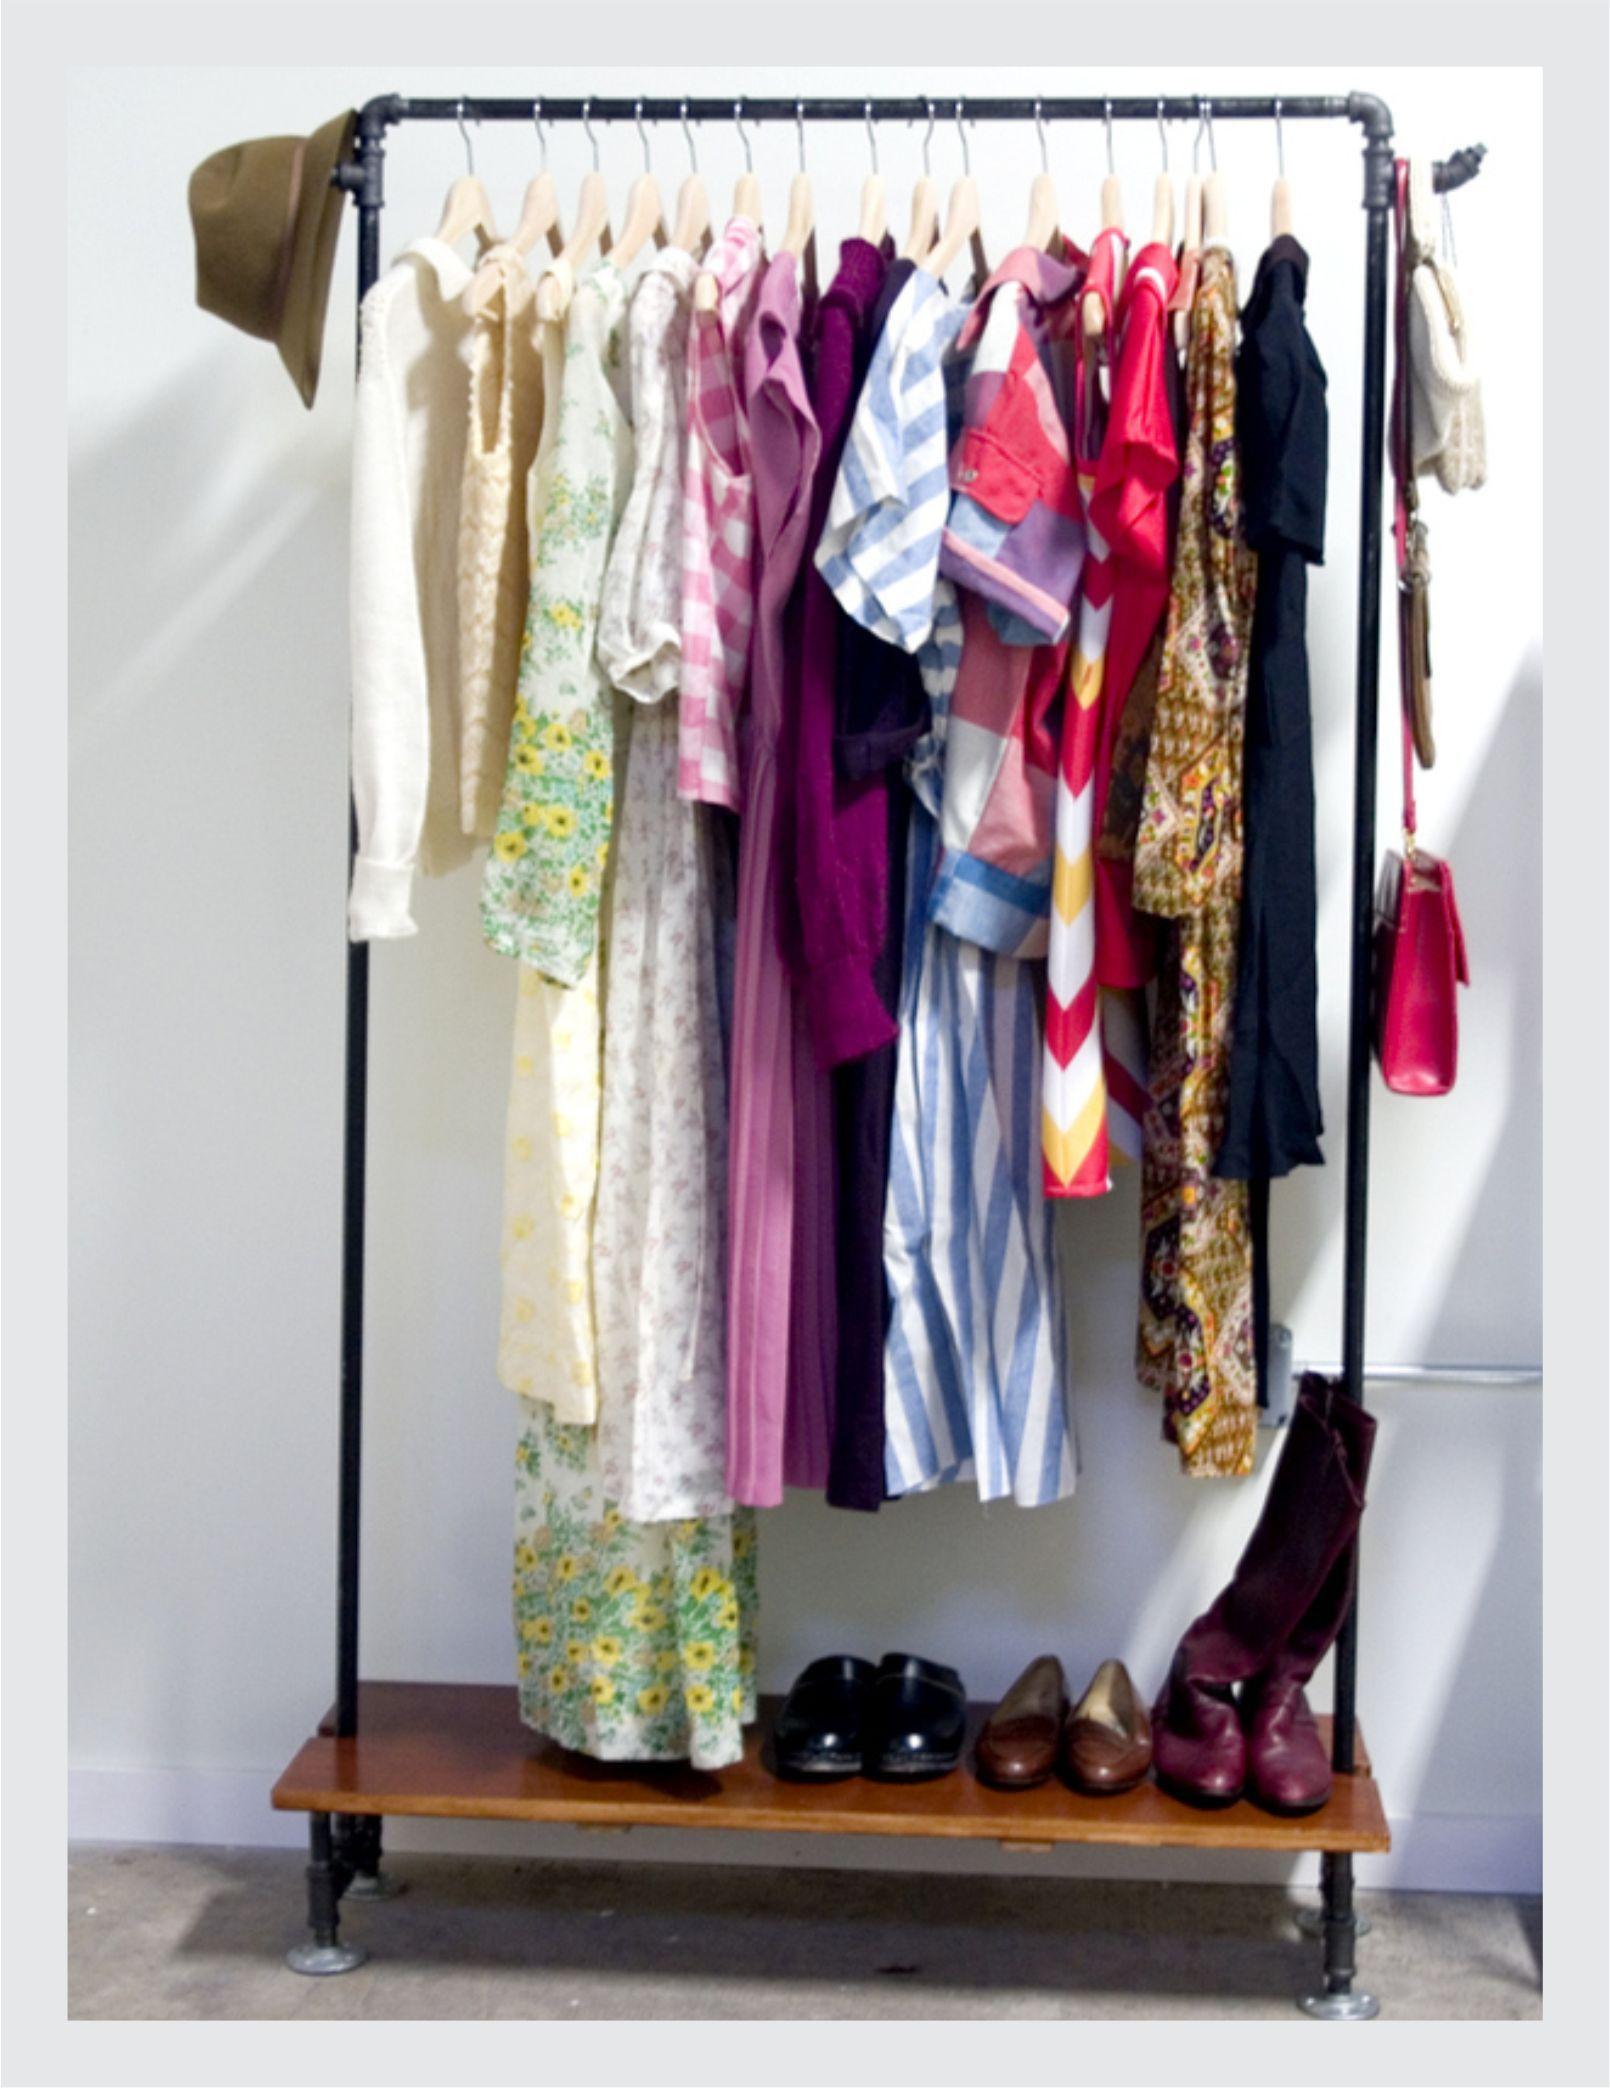 Adesivo De Espelho ~ 3 15 truques para organizar armario pequeno sos solteiros Decoraç u00e3o Pinterest Armários